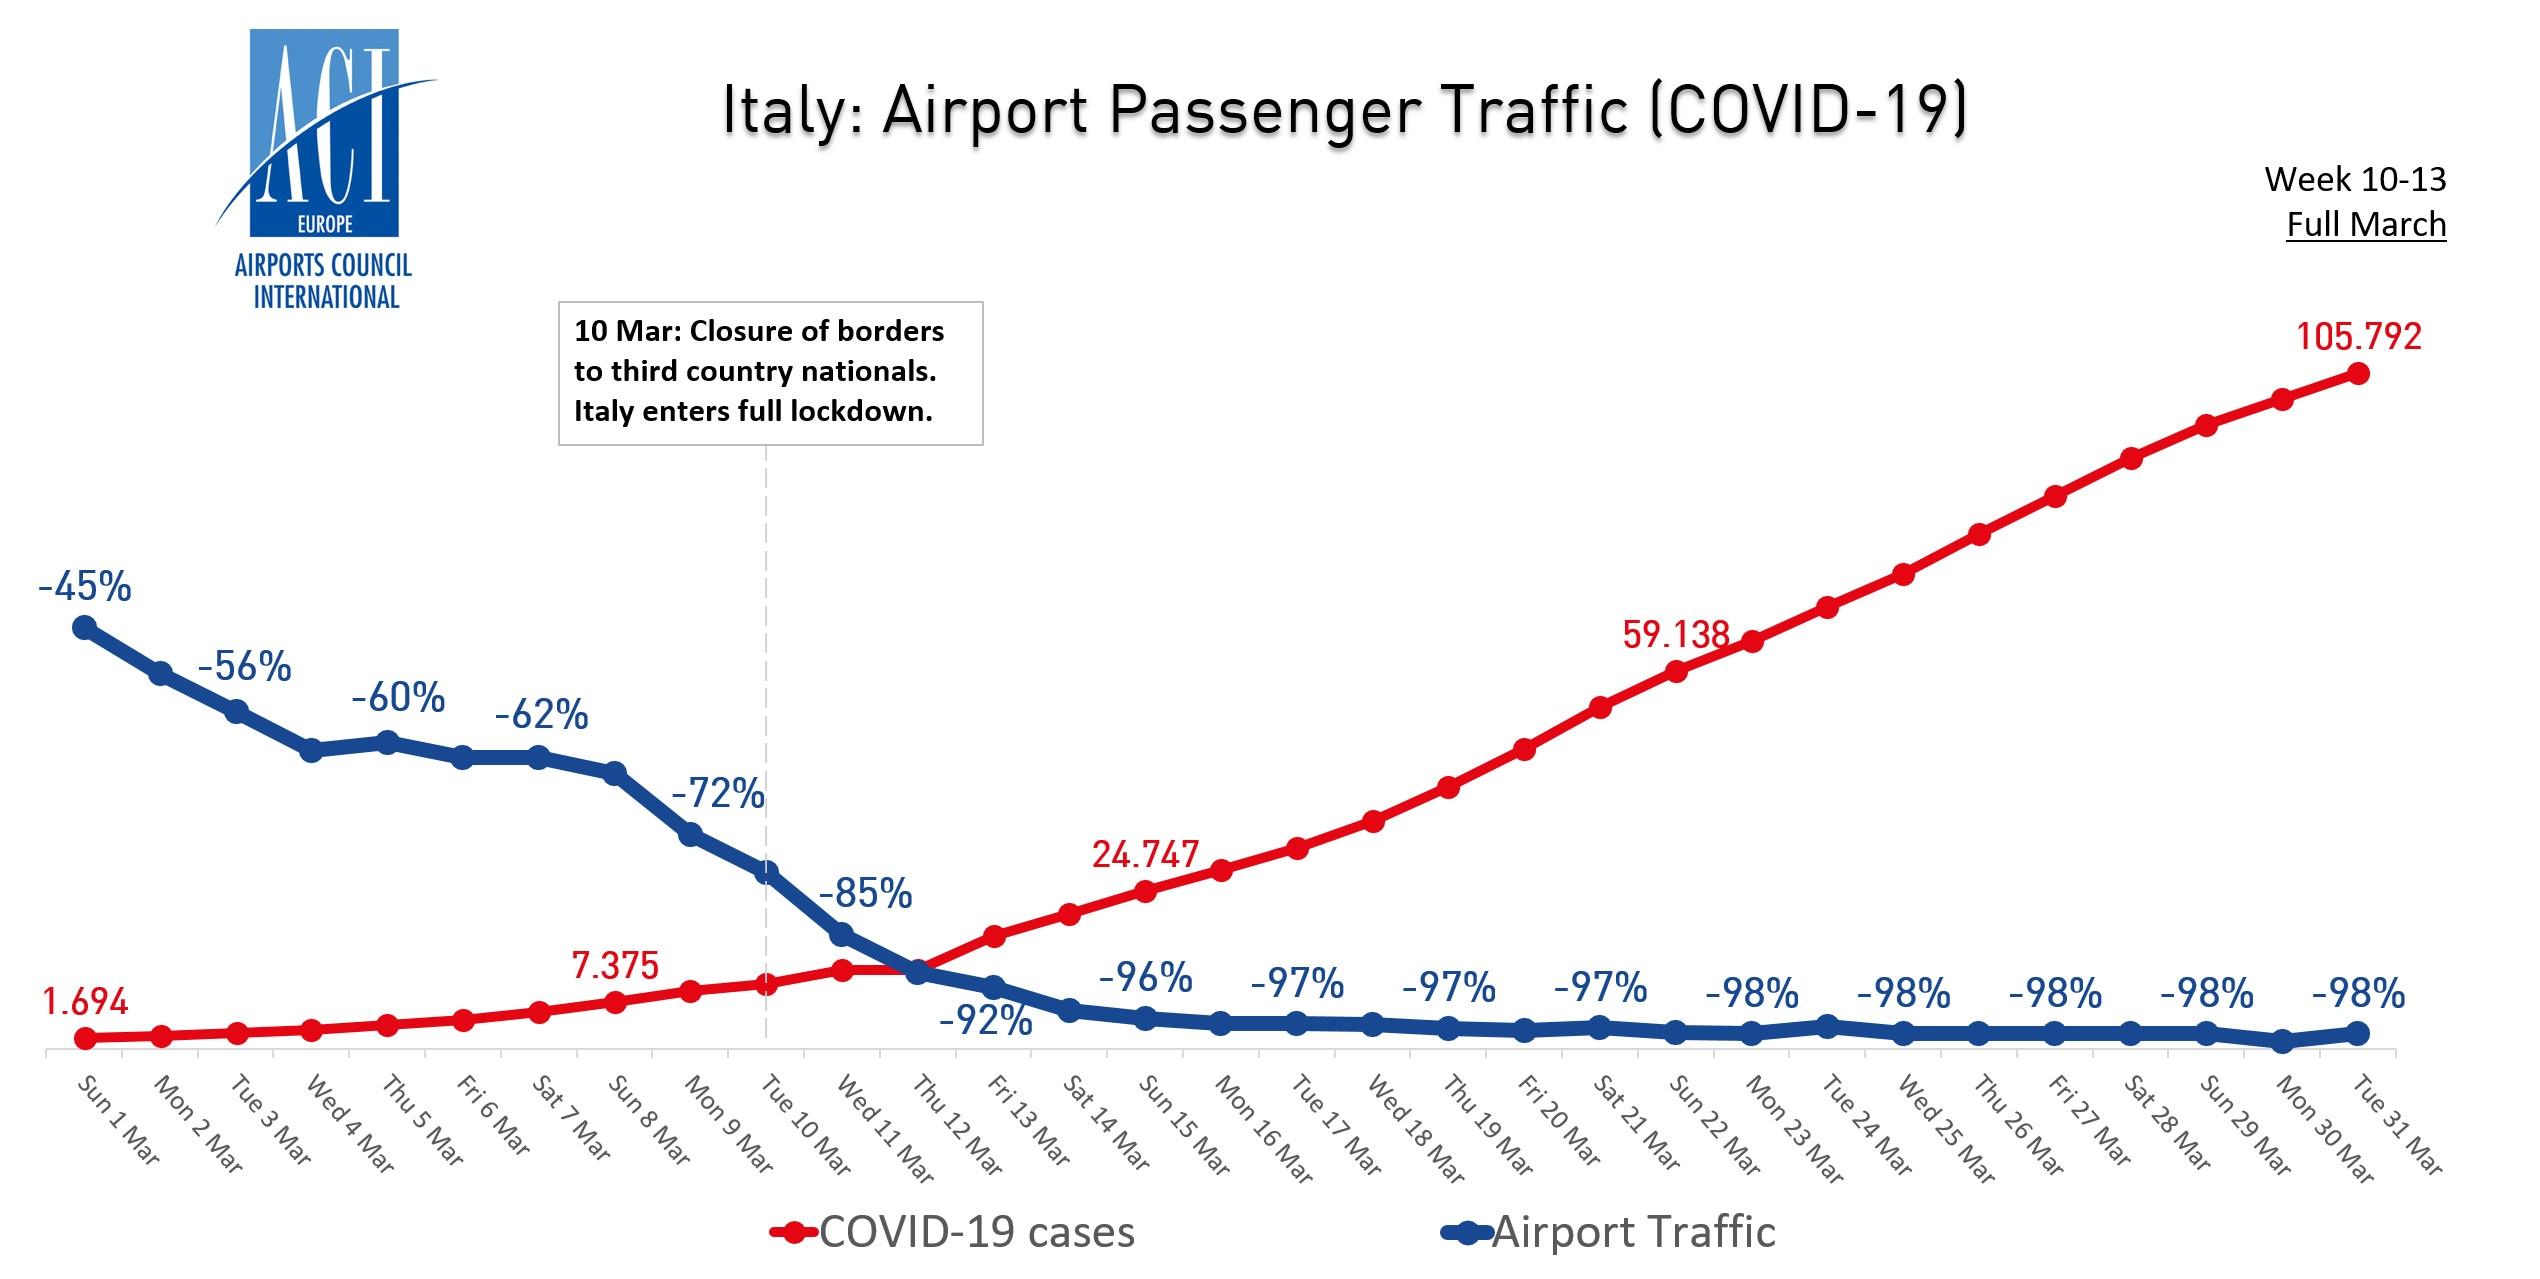 意大利机场客流量与新冠病毒病例走势图